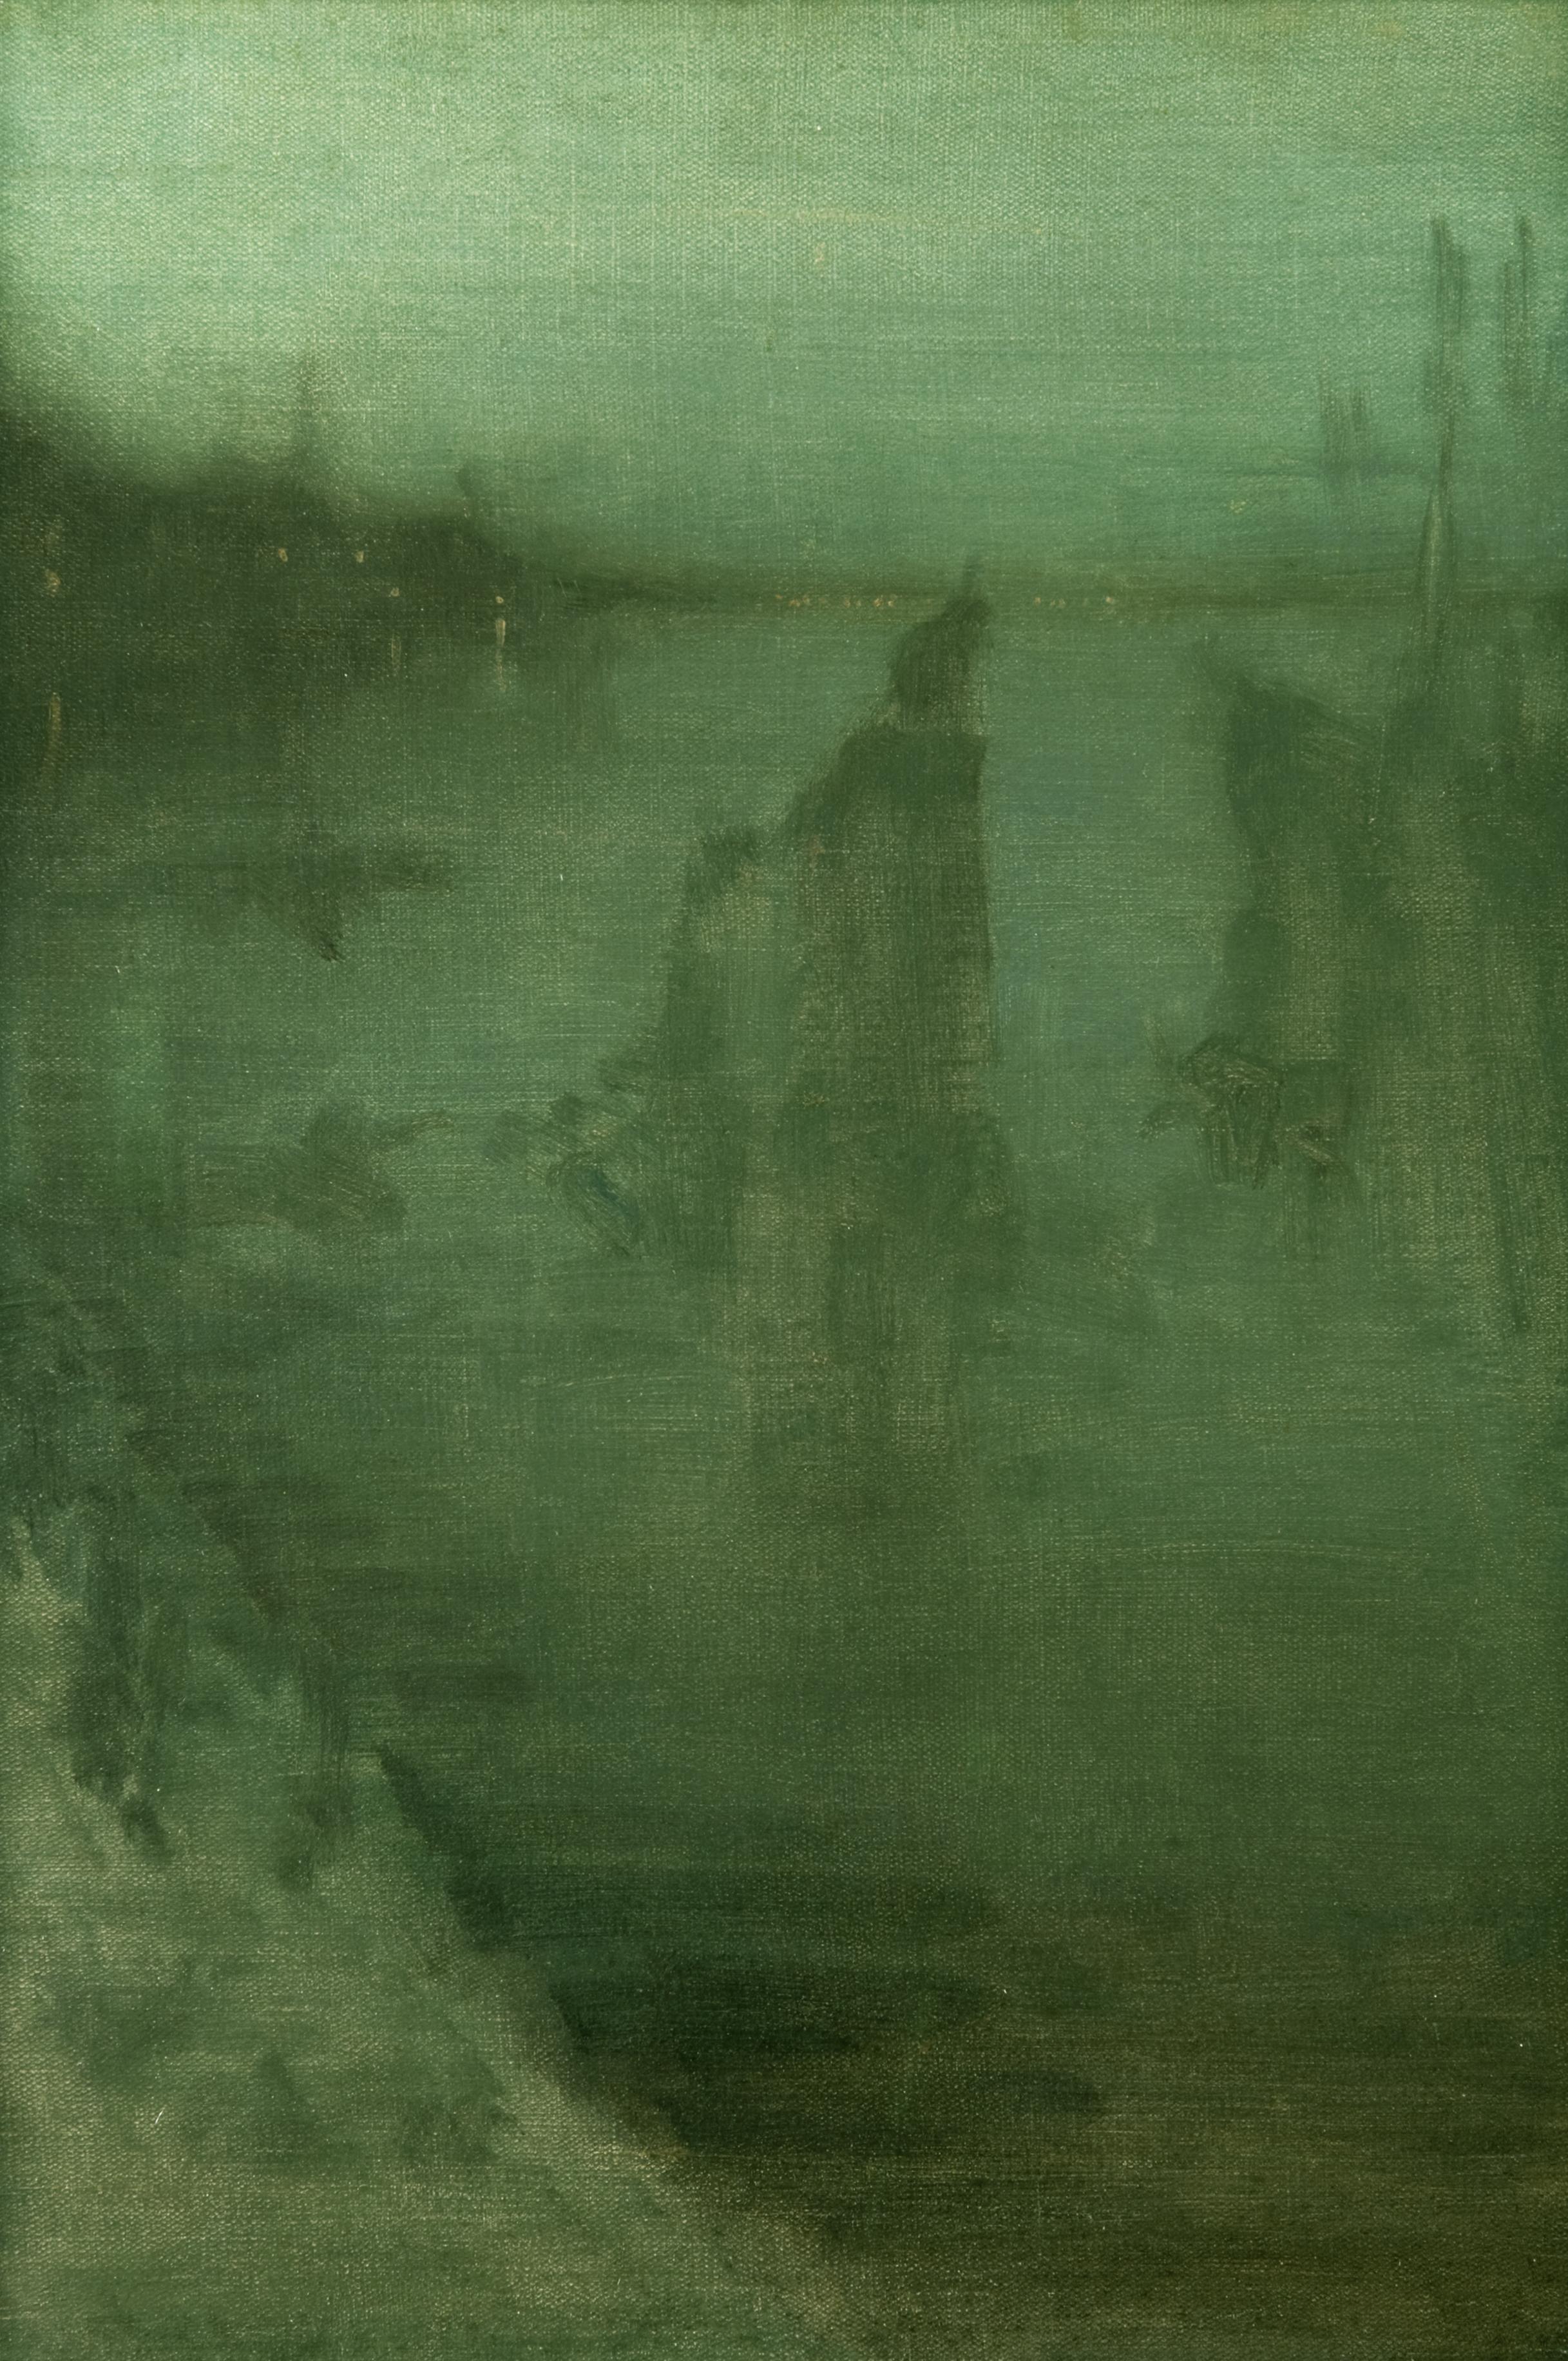 Nocturne, 1875 – 1877